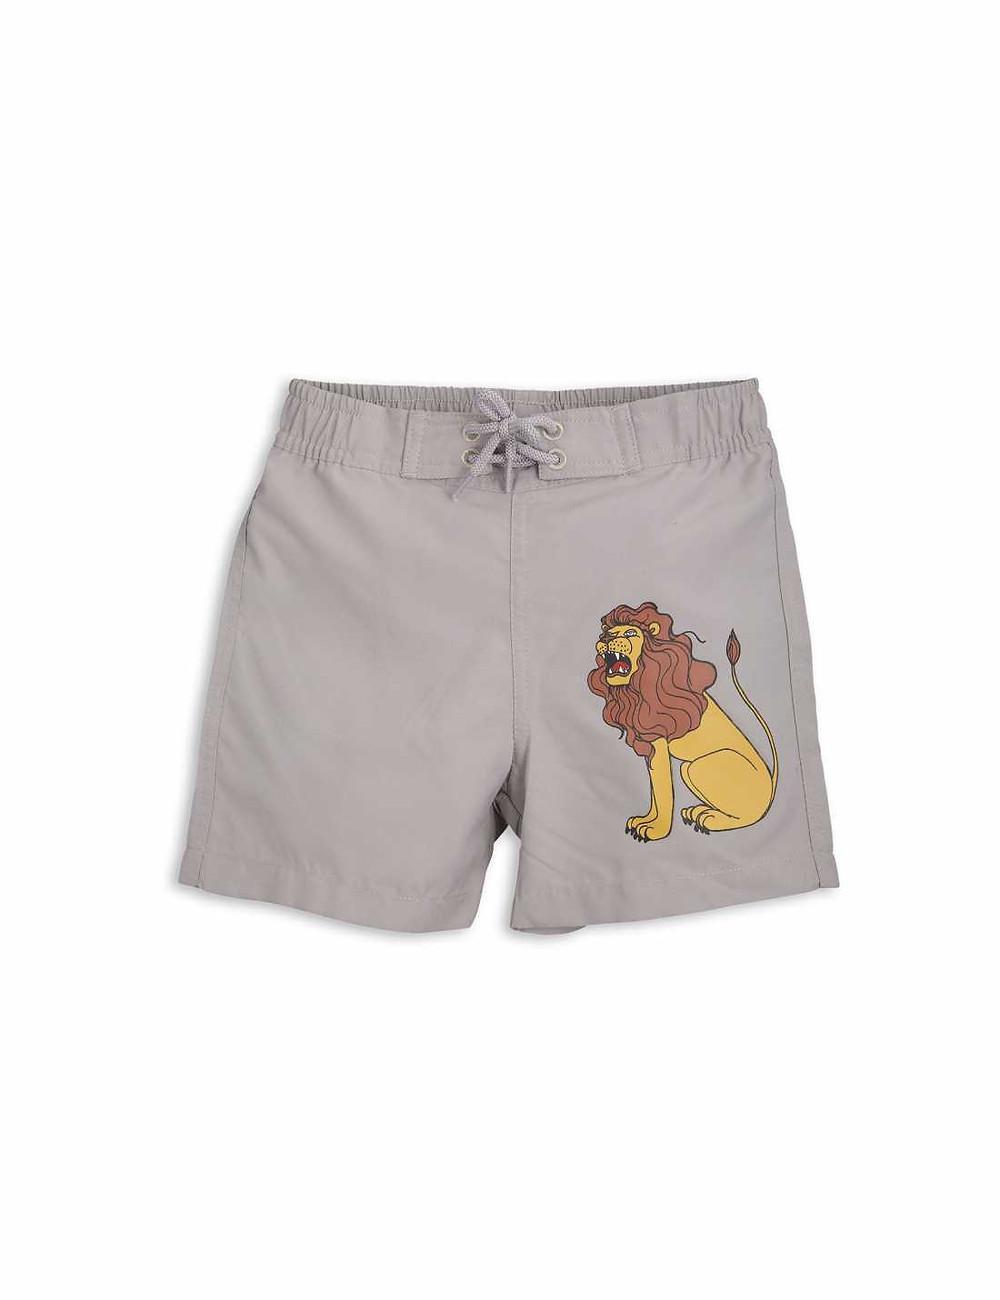 Lion Badshorts